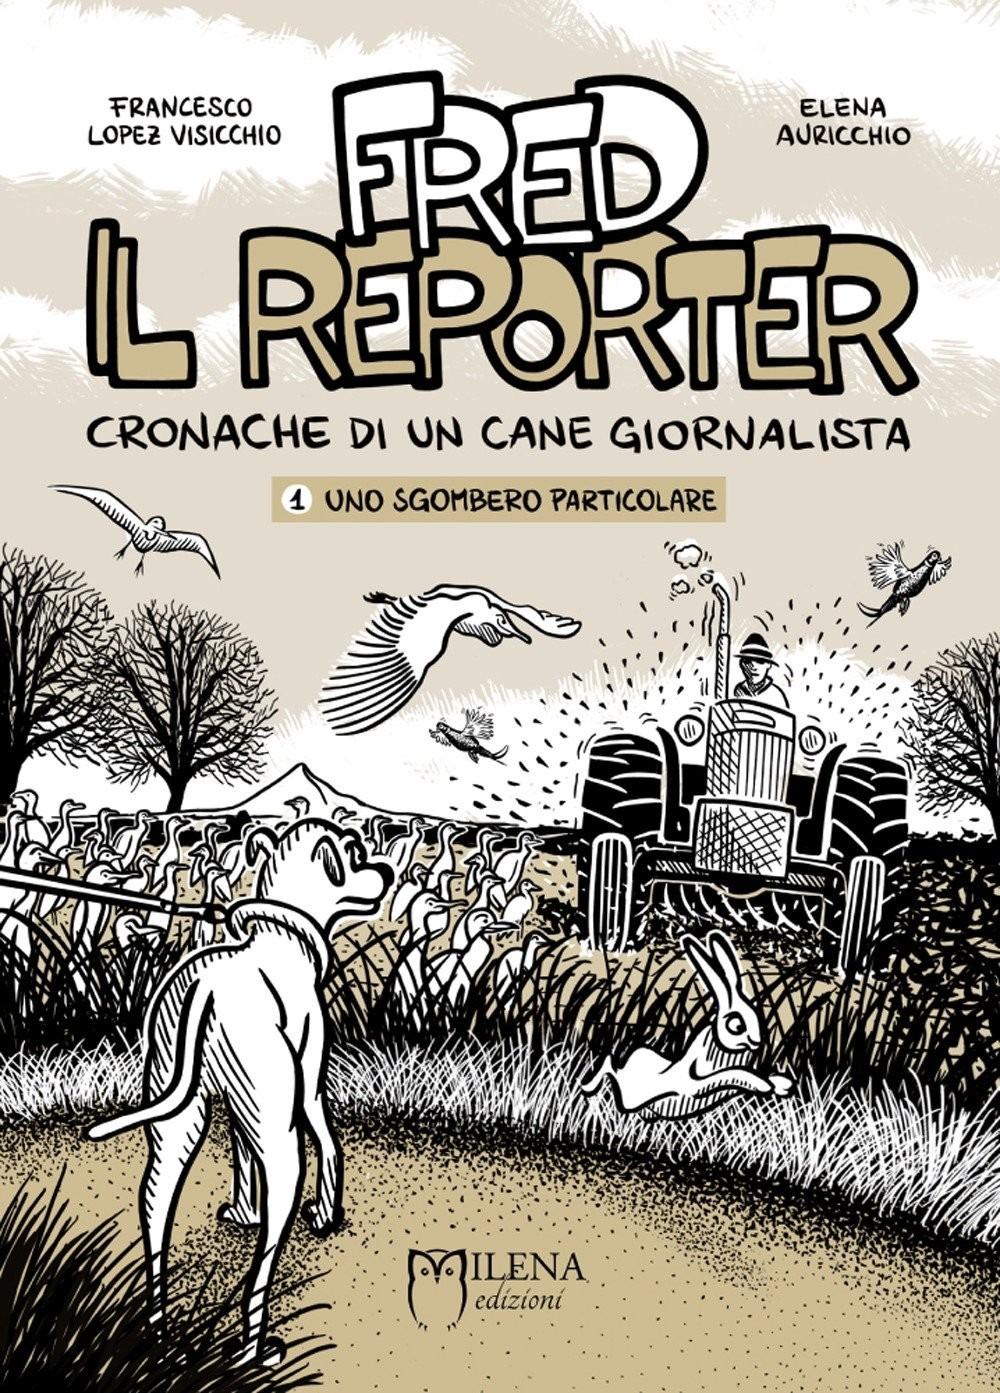 Recensione di Fred Il Reporter – F. L. Visicchio/E. Auricchio